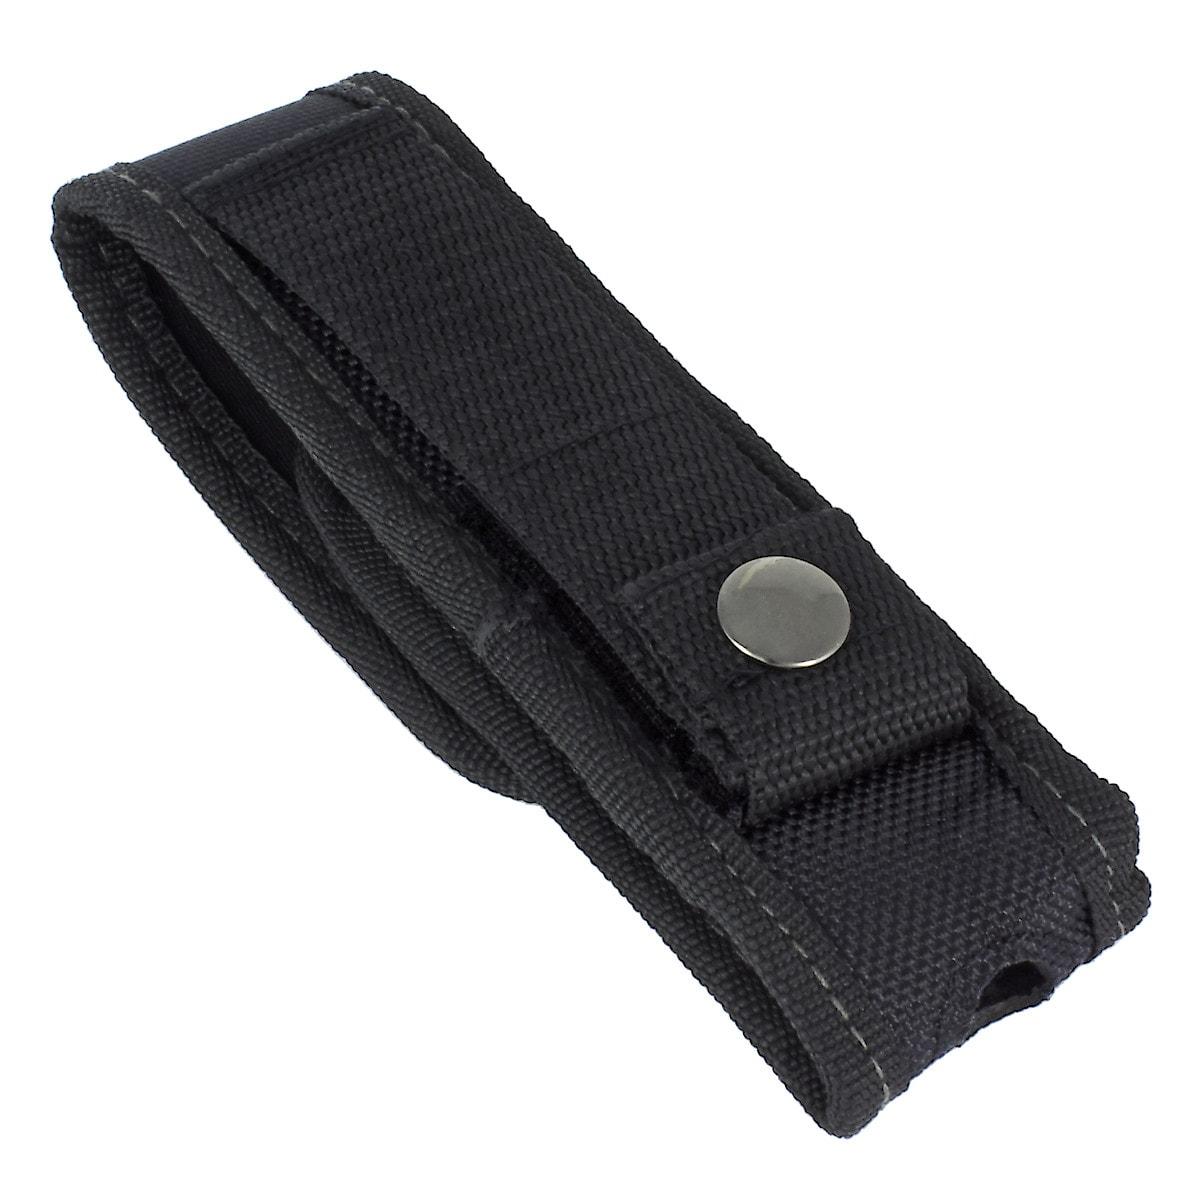 Nylon case Ledlenser 0333 160 mm